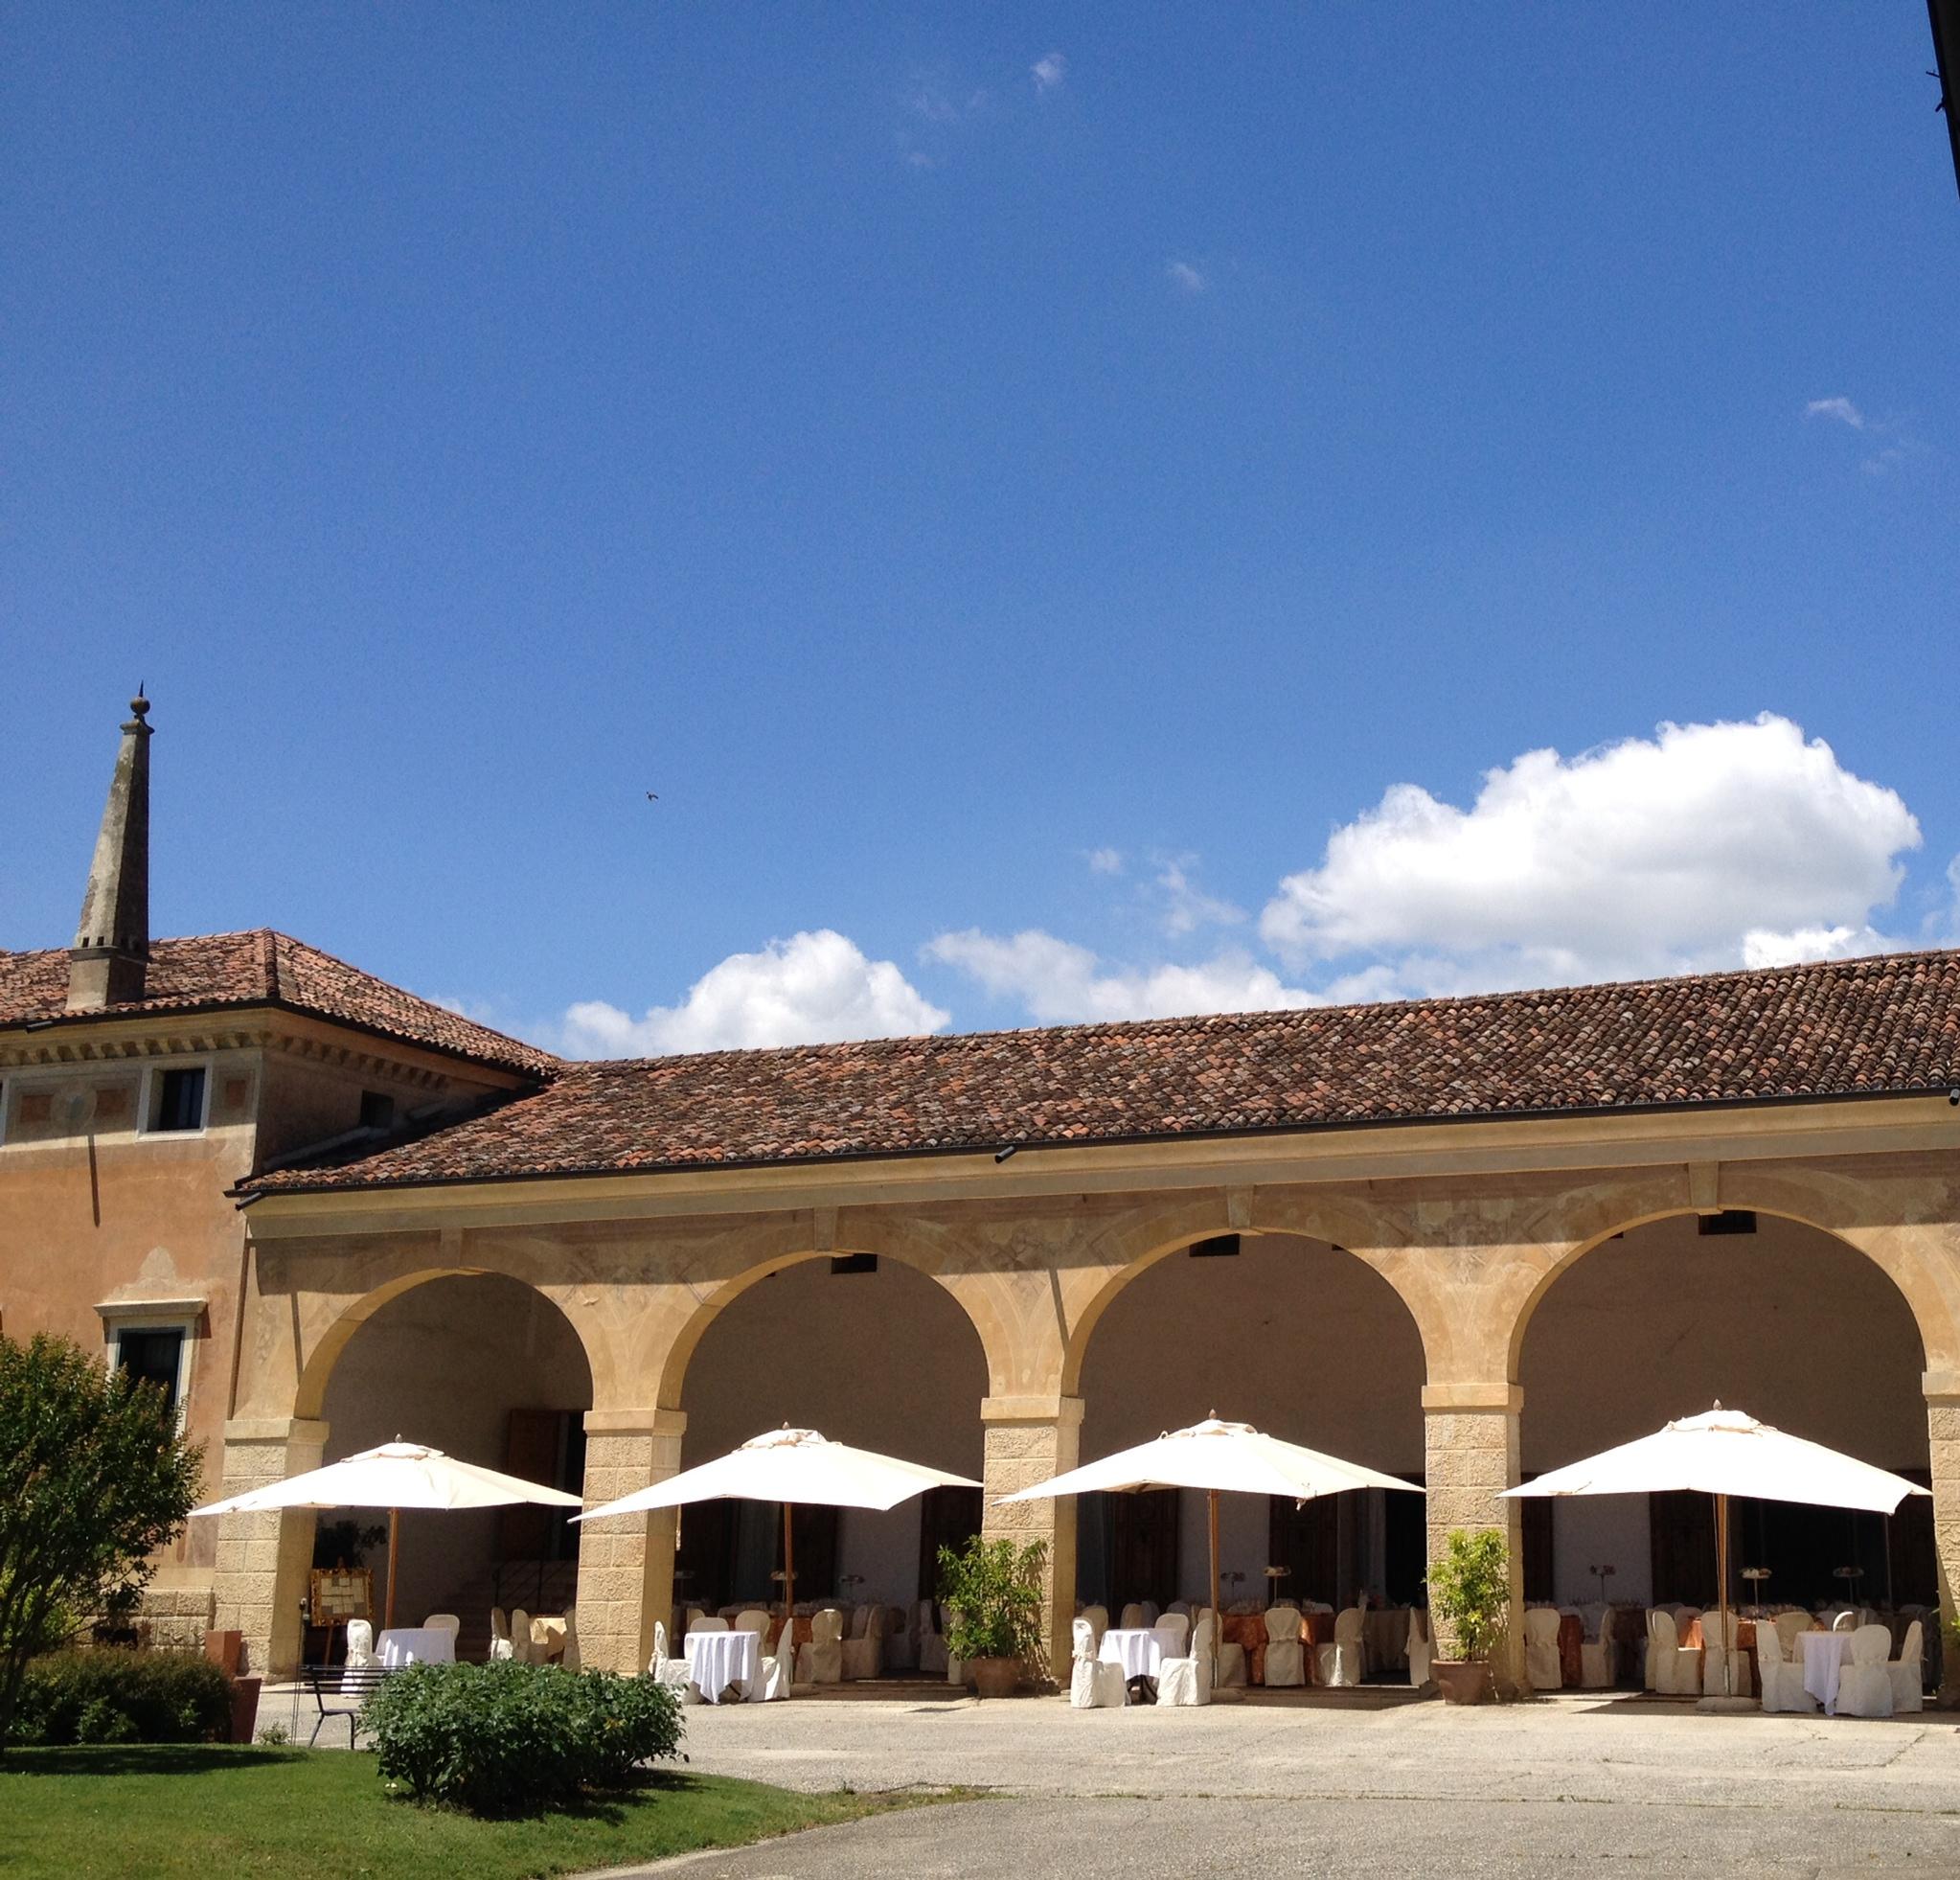 Villa manin cantarella villa veneta privata location per matrimoni pranzi e cene di gala - Giardini veneti ombrelloni ...